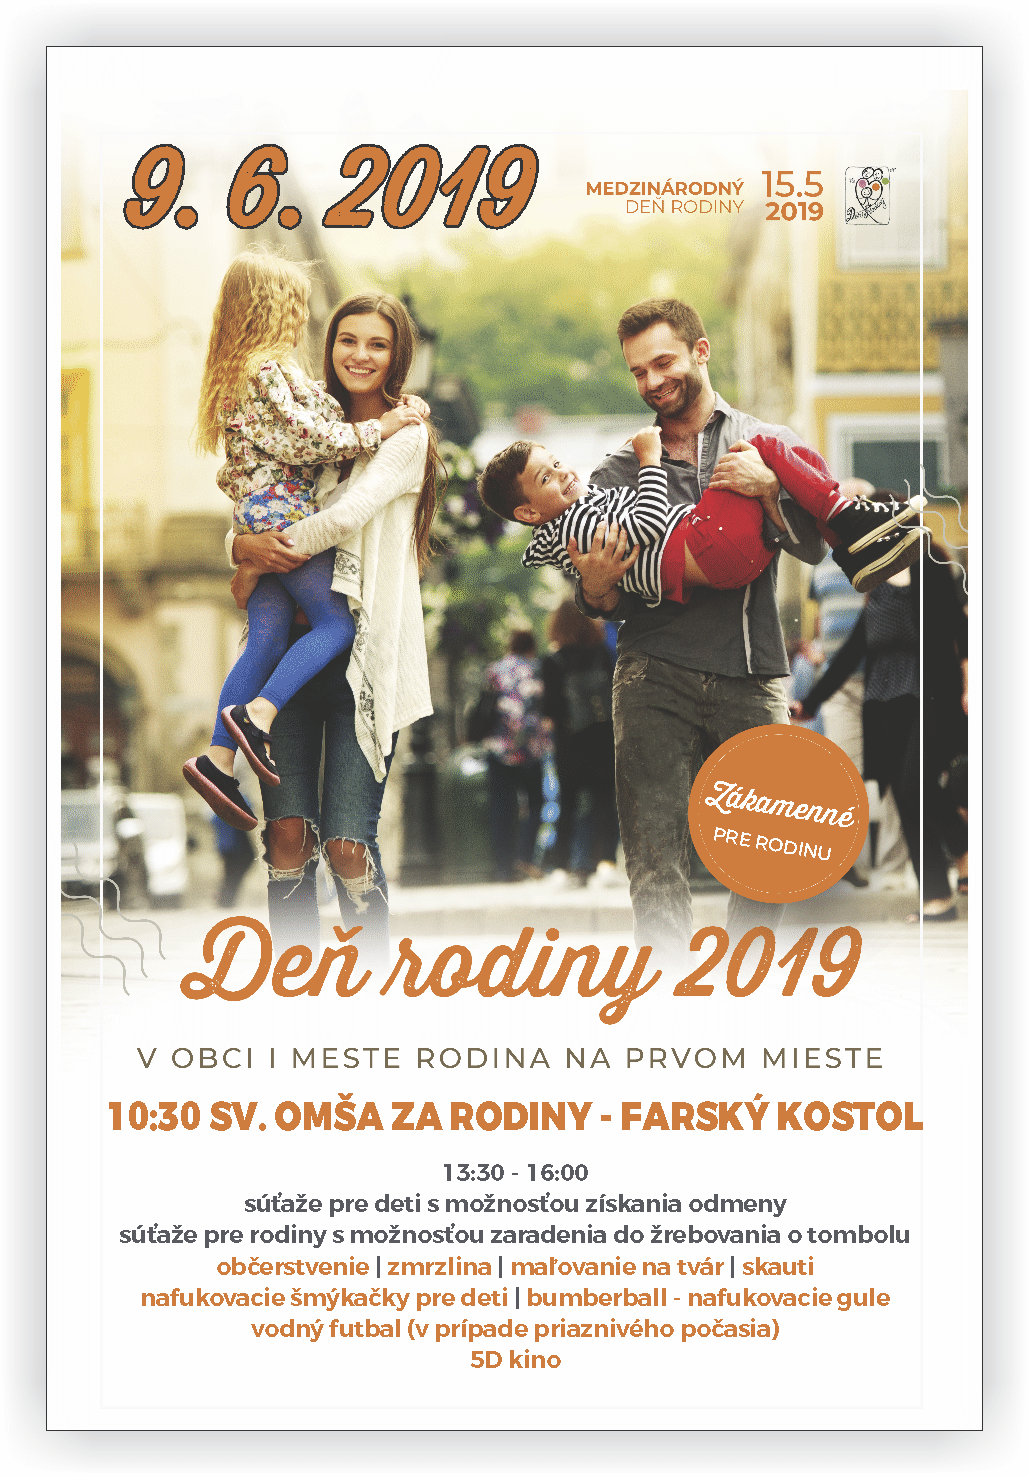 plagát Deň rodiny